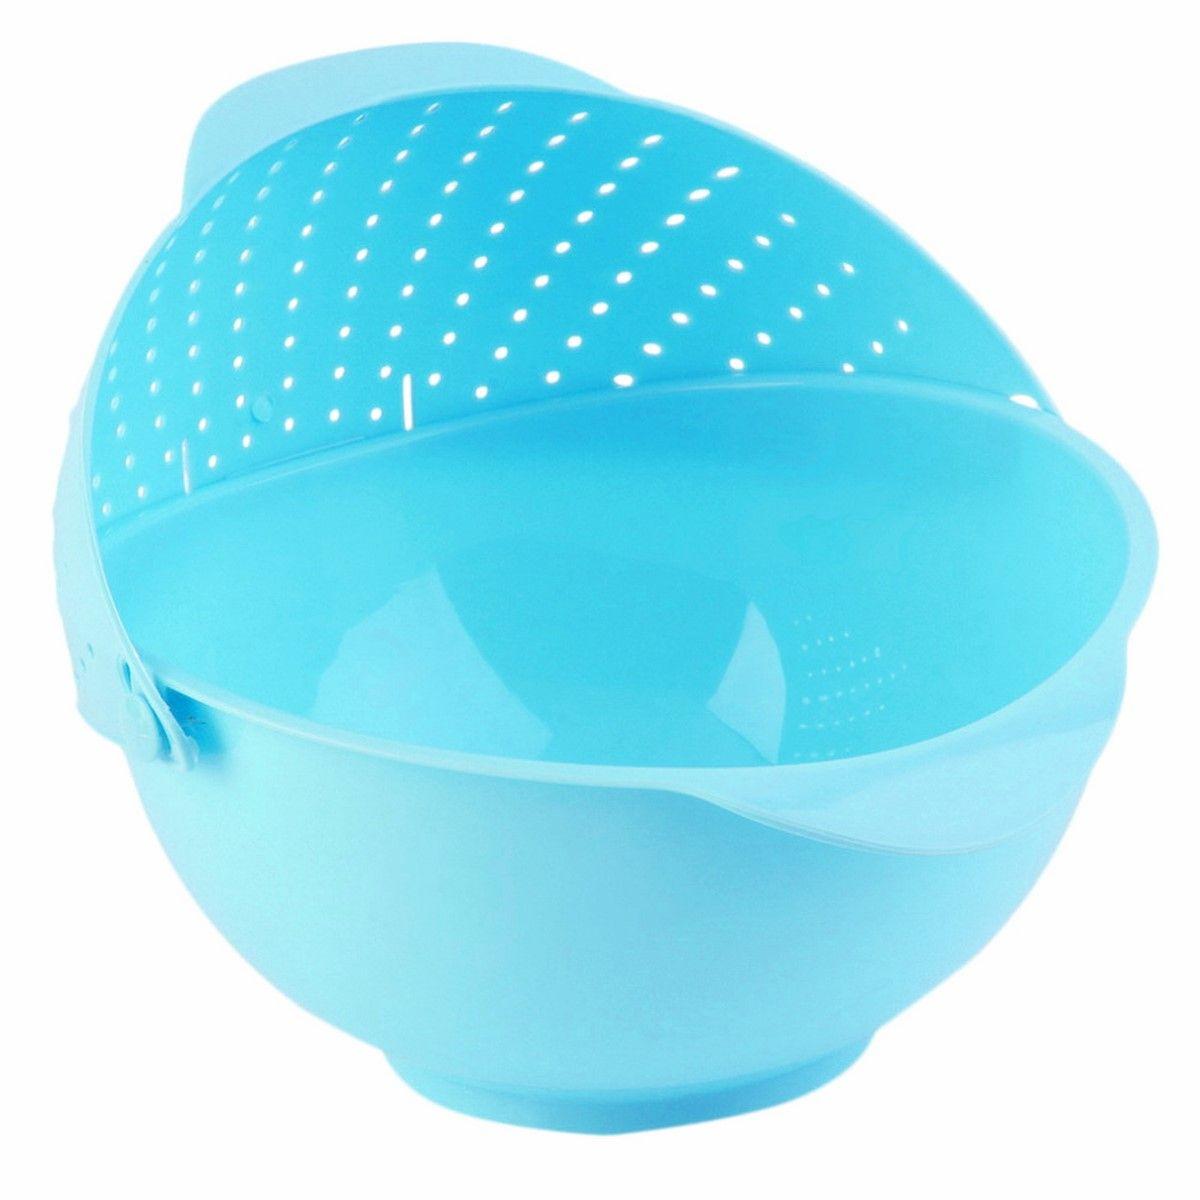 Дуршлаг-чаша Ruges Фильтрен, цвет: синий, 27 х 25 11 см